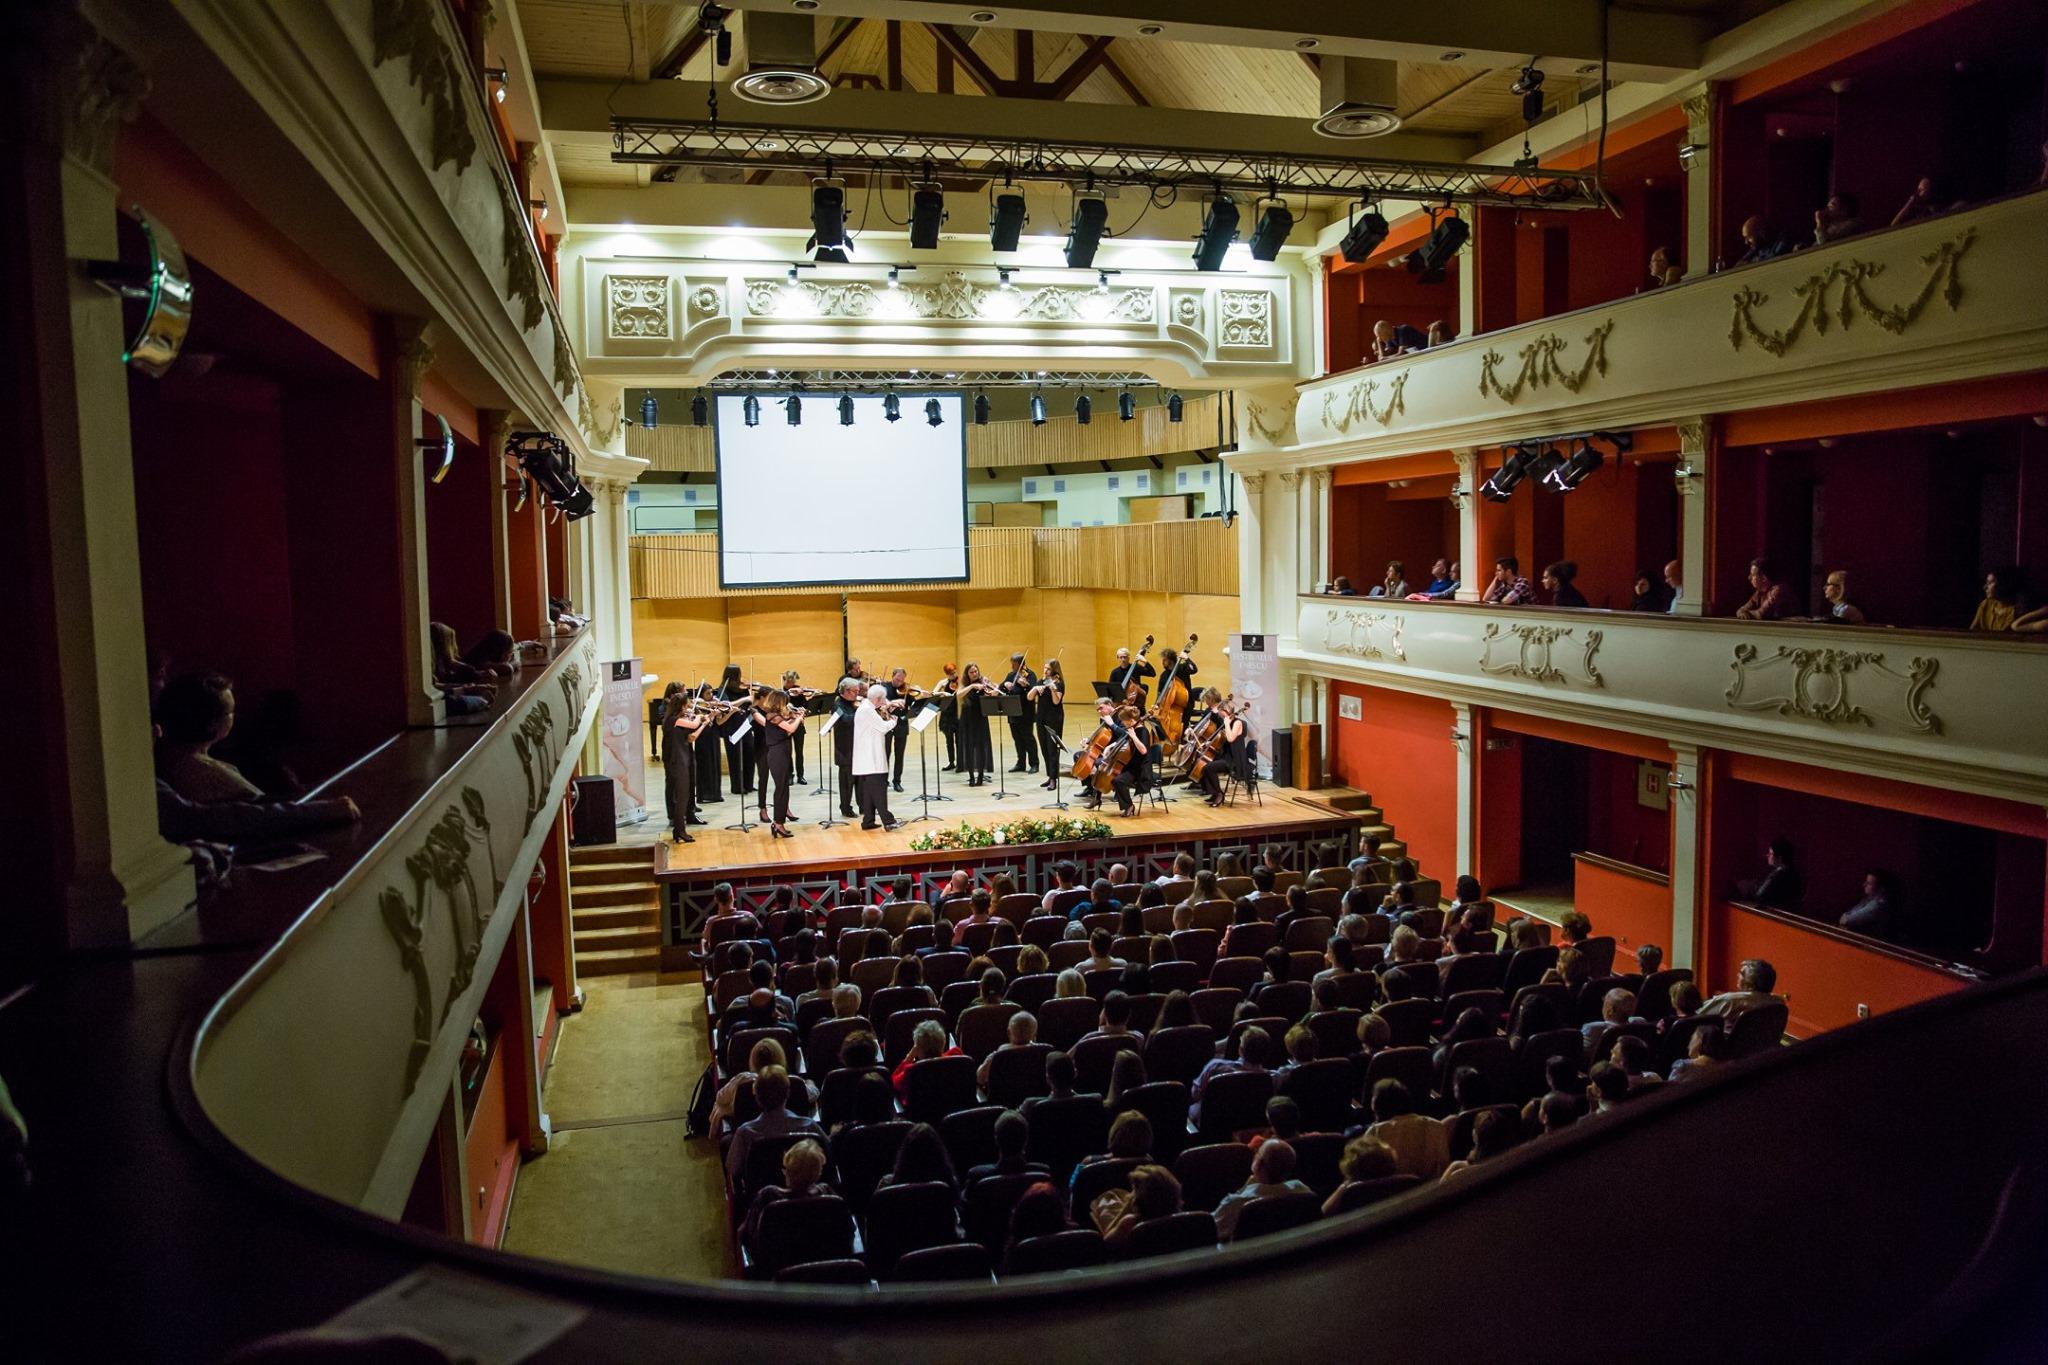 Artiști internaționali de mare valoare, protagoniști și câștigători ai Festivalului și Concursului Internațional George Enescu, vor susține la Sibiu o serie de concerte excepționale